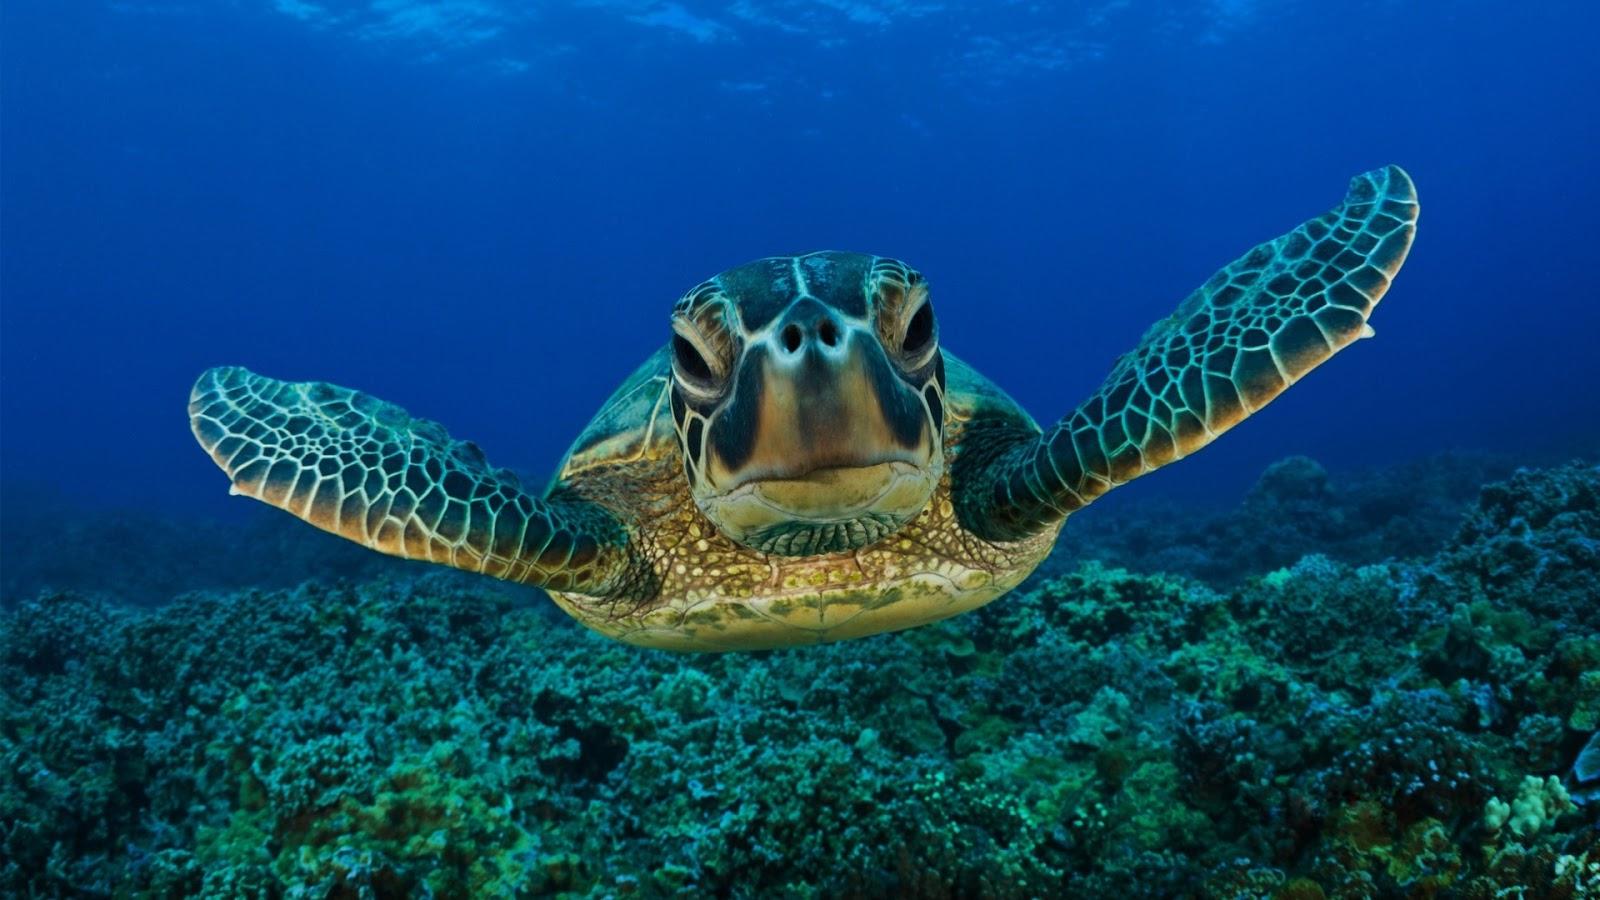 http://1.bp.blogspot.com/-phsnHNXMTbI/UHa6-Q-HbmI/AAAAAAAAGl0/3RwQeQLv37k/s1600/Sea_Turtle_Wallpaper_1.jpg